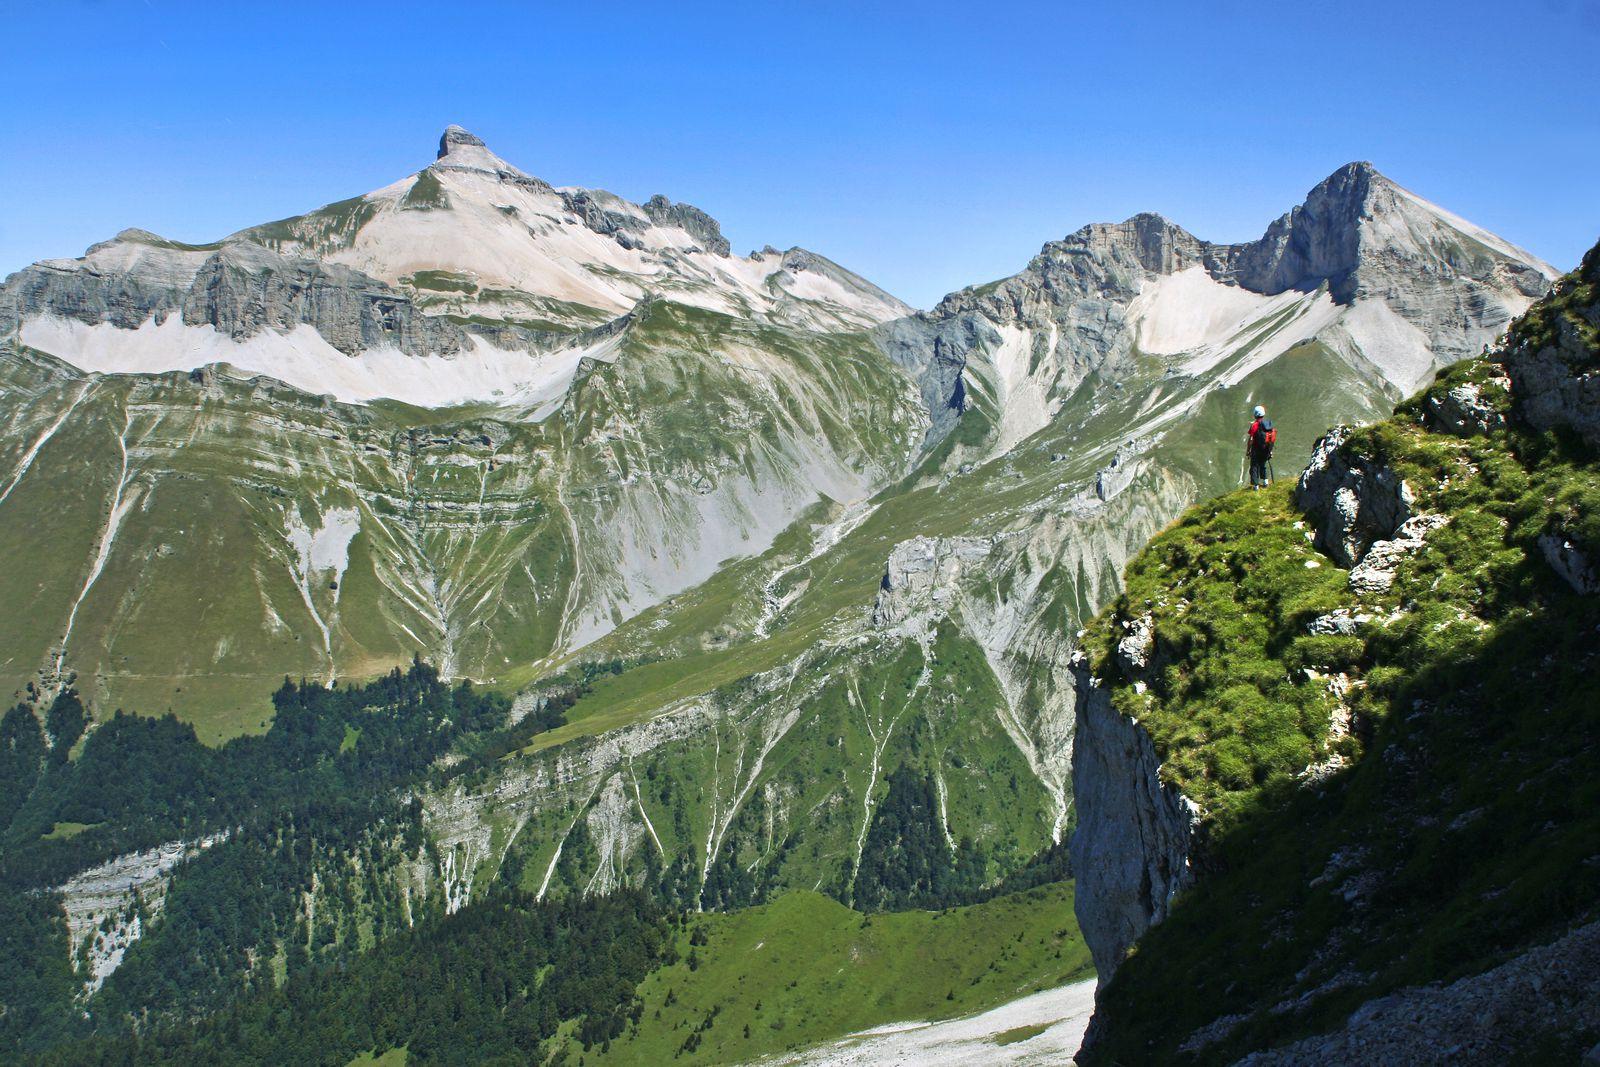 À droite du Ferrand, le Rocher Rond (2453 m) présente deux particularités : c'est le plus haut sommet de la Drôme et le point culminant du Parc régional du Vercors depuis que le cirque de la Jarjatte lui a été rattaché.